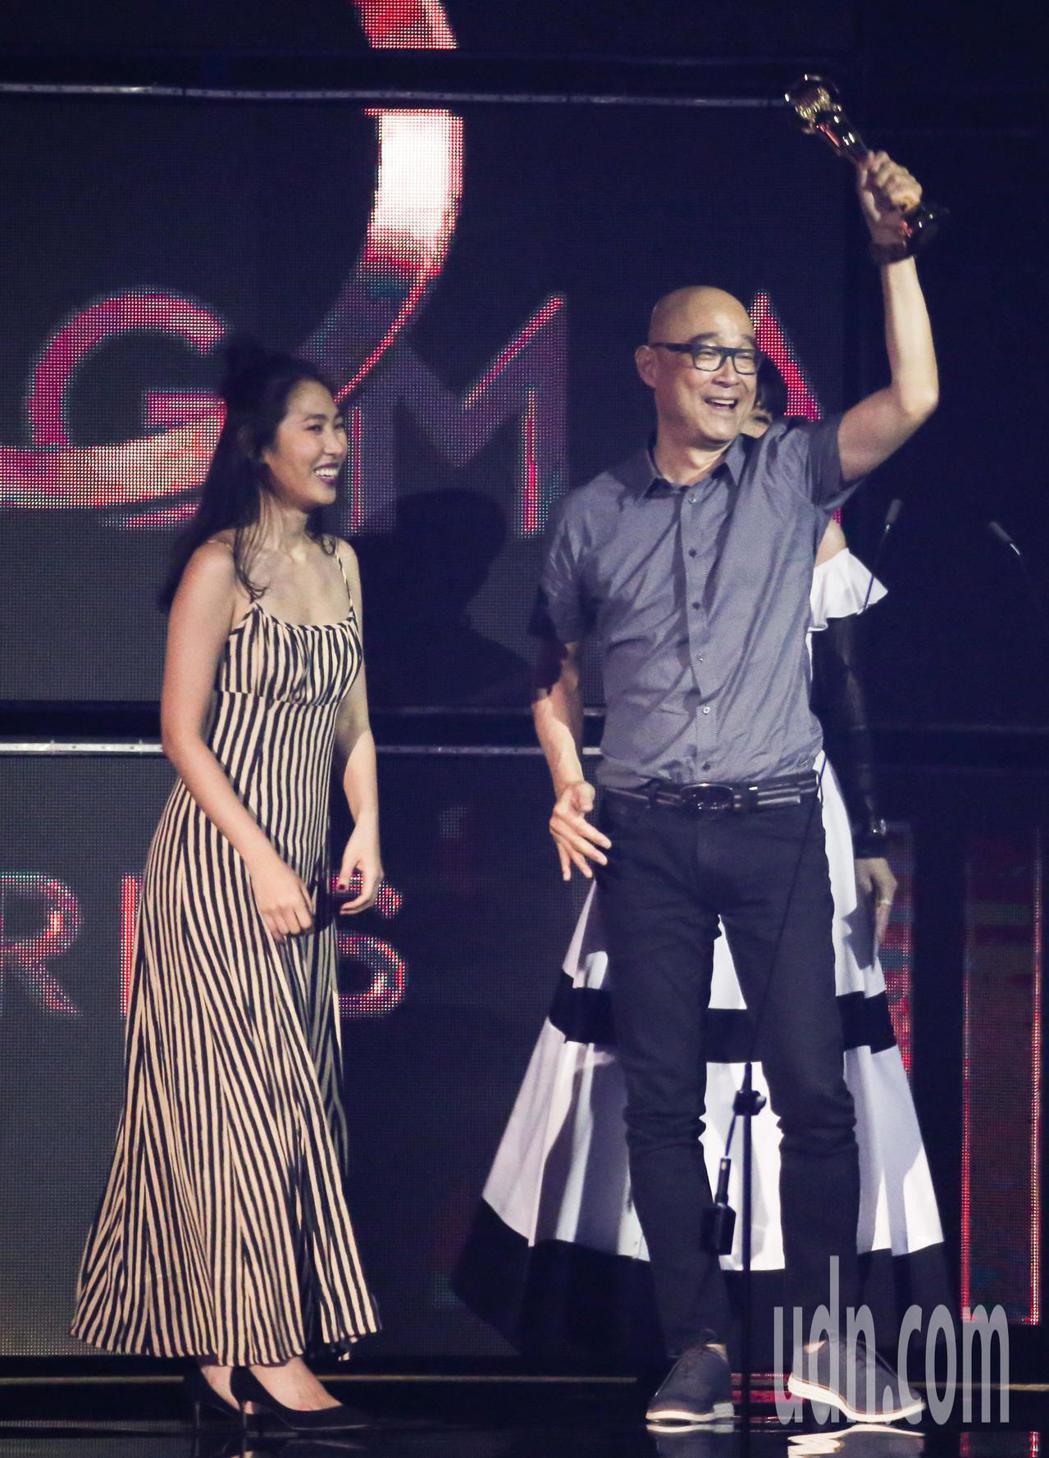 第30屆金曲獎,評審團獎由王若琳(左)獲得與父親王治平一同領獎。記者林伯東/攝影